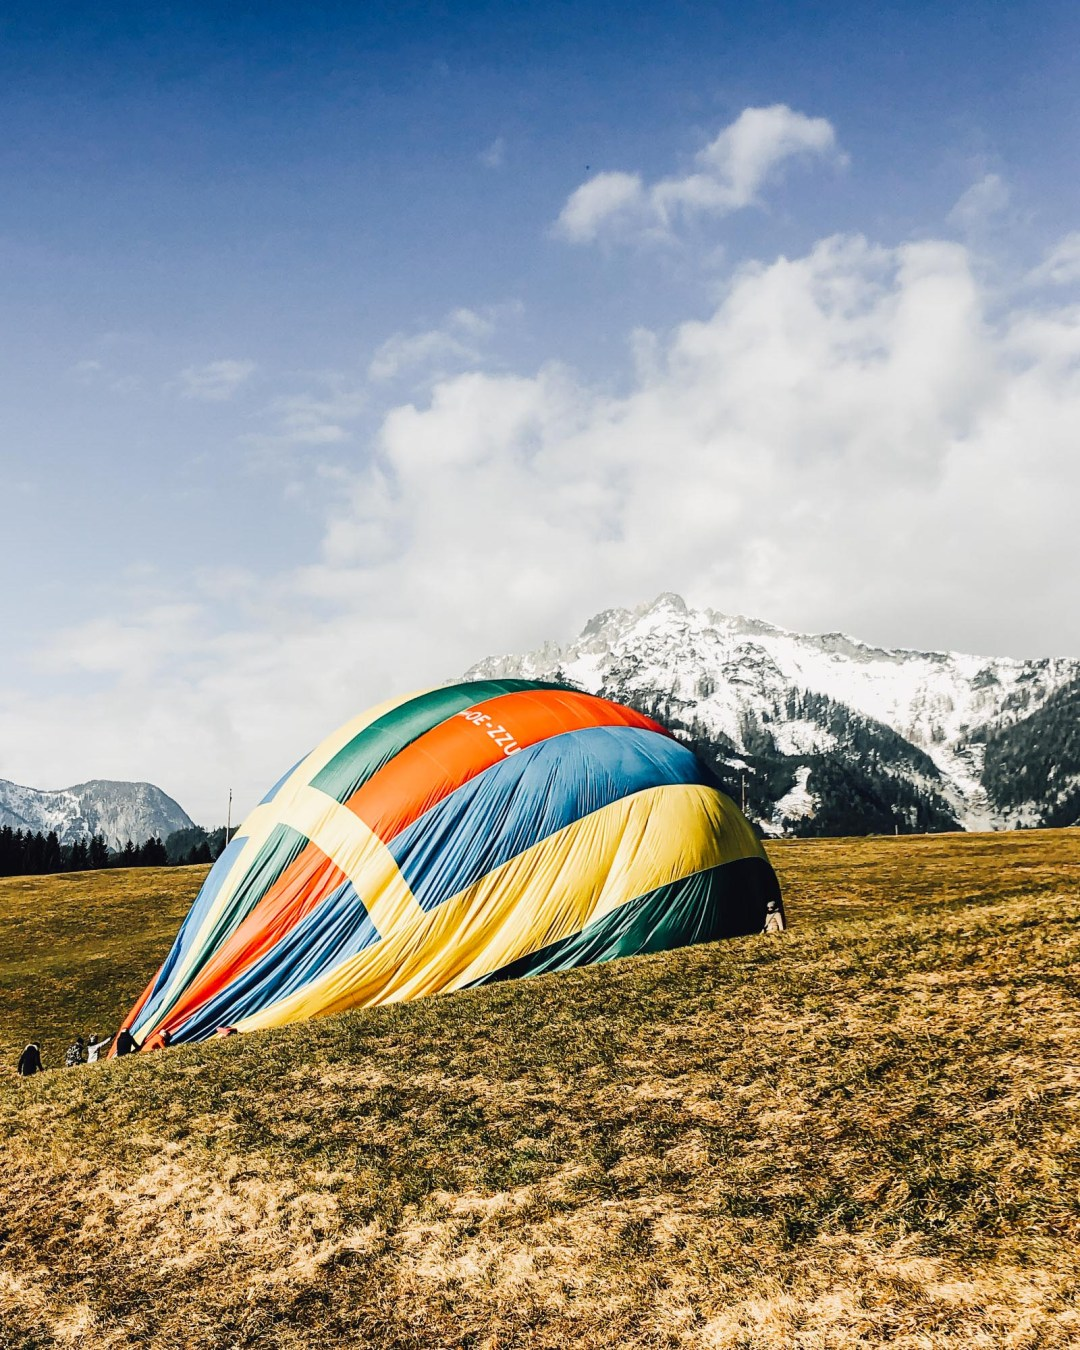 Inastil, Ballonfahrt, Lifestyle, Winter, Austria, Landschaft, Abenteuer, Ü50Blogger, Lifestyleblogger, Österreich,-29